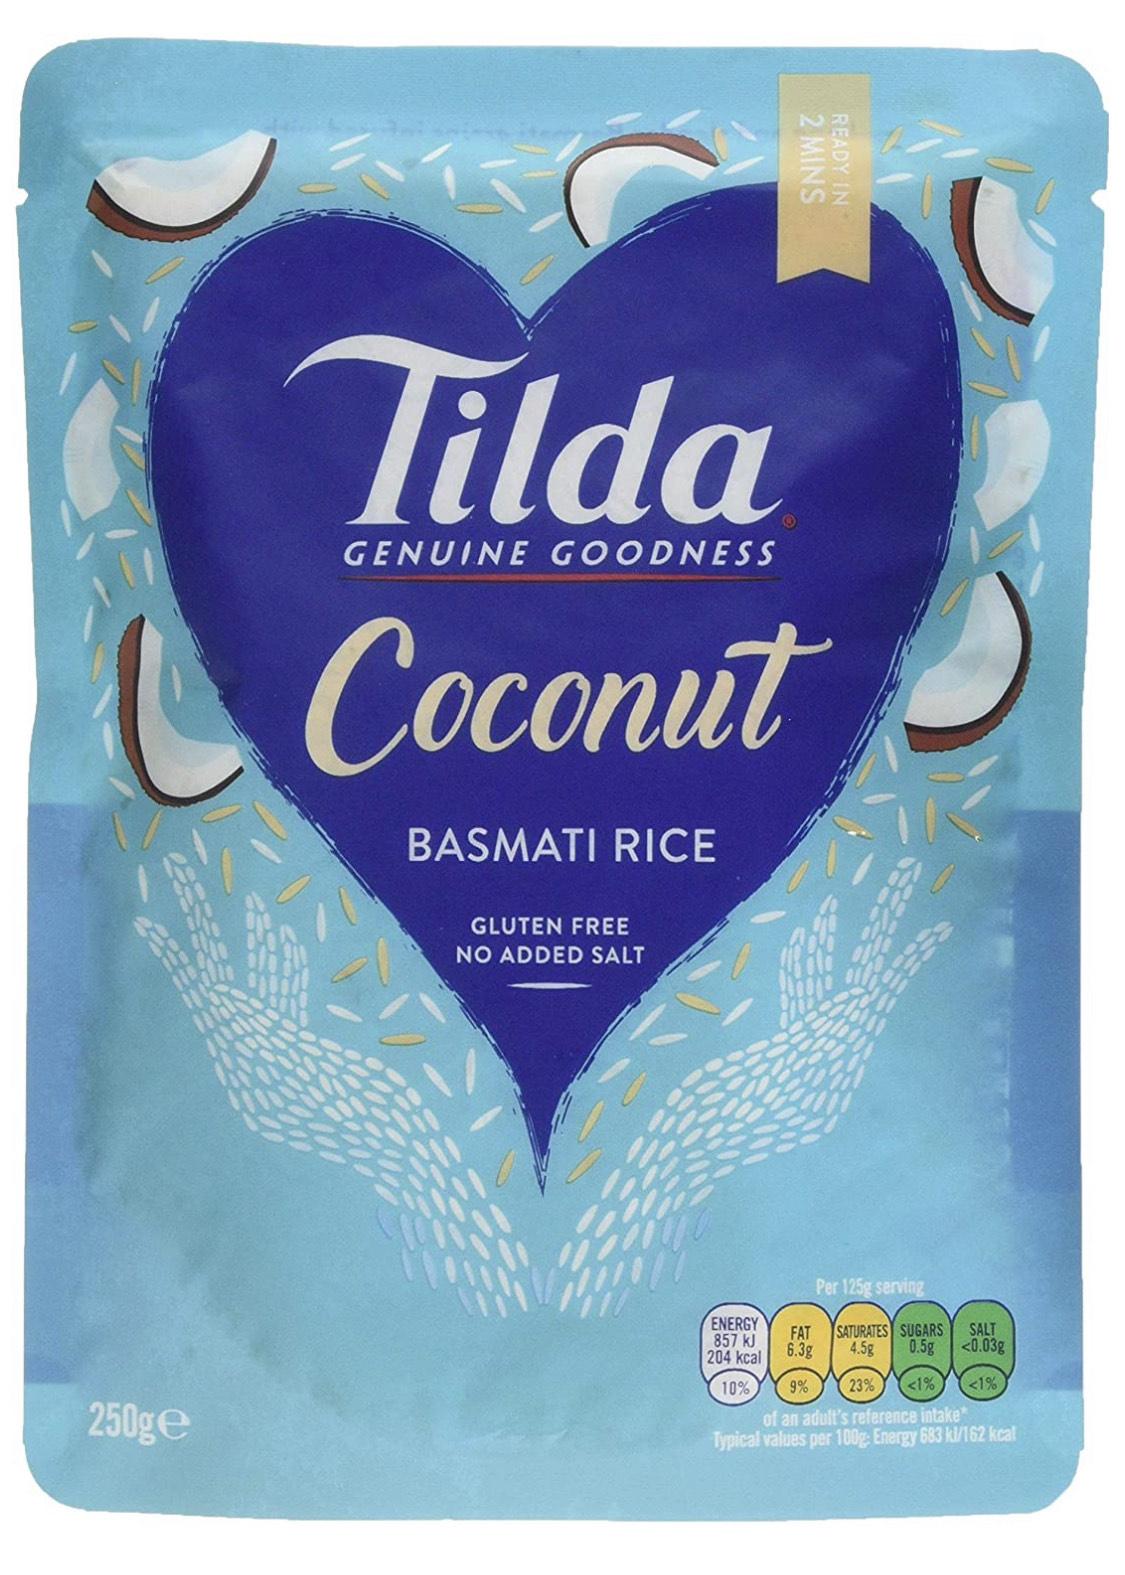 Tilda Steamed Basmati Coconut 250 g (Pack of 6) £3.91 Prime or £3.72 S&S (+£4.49 non prime) @ Amazon